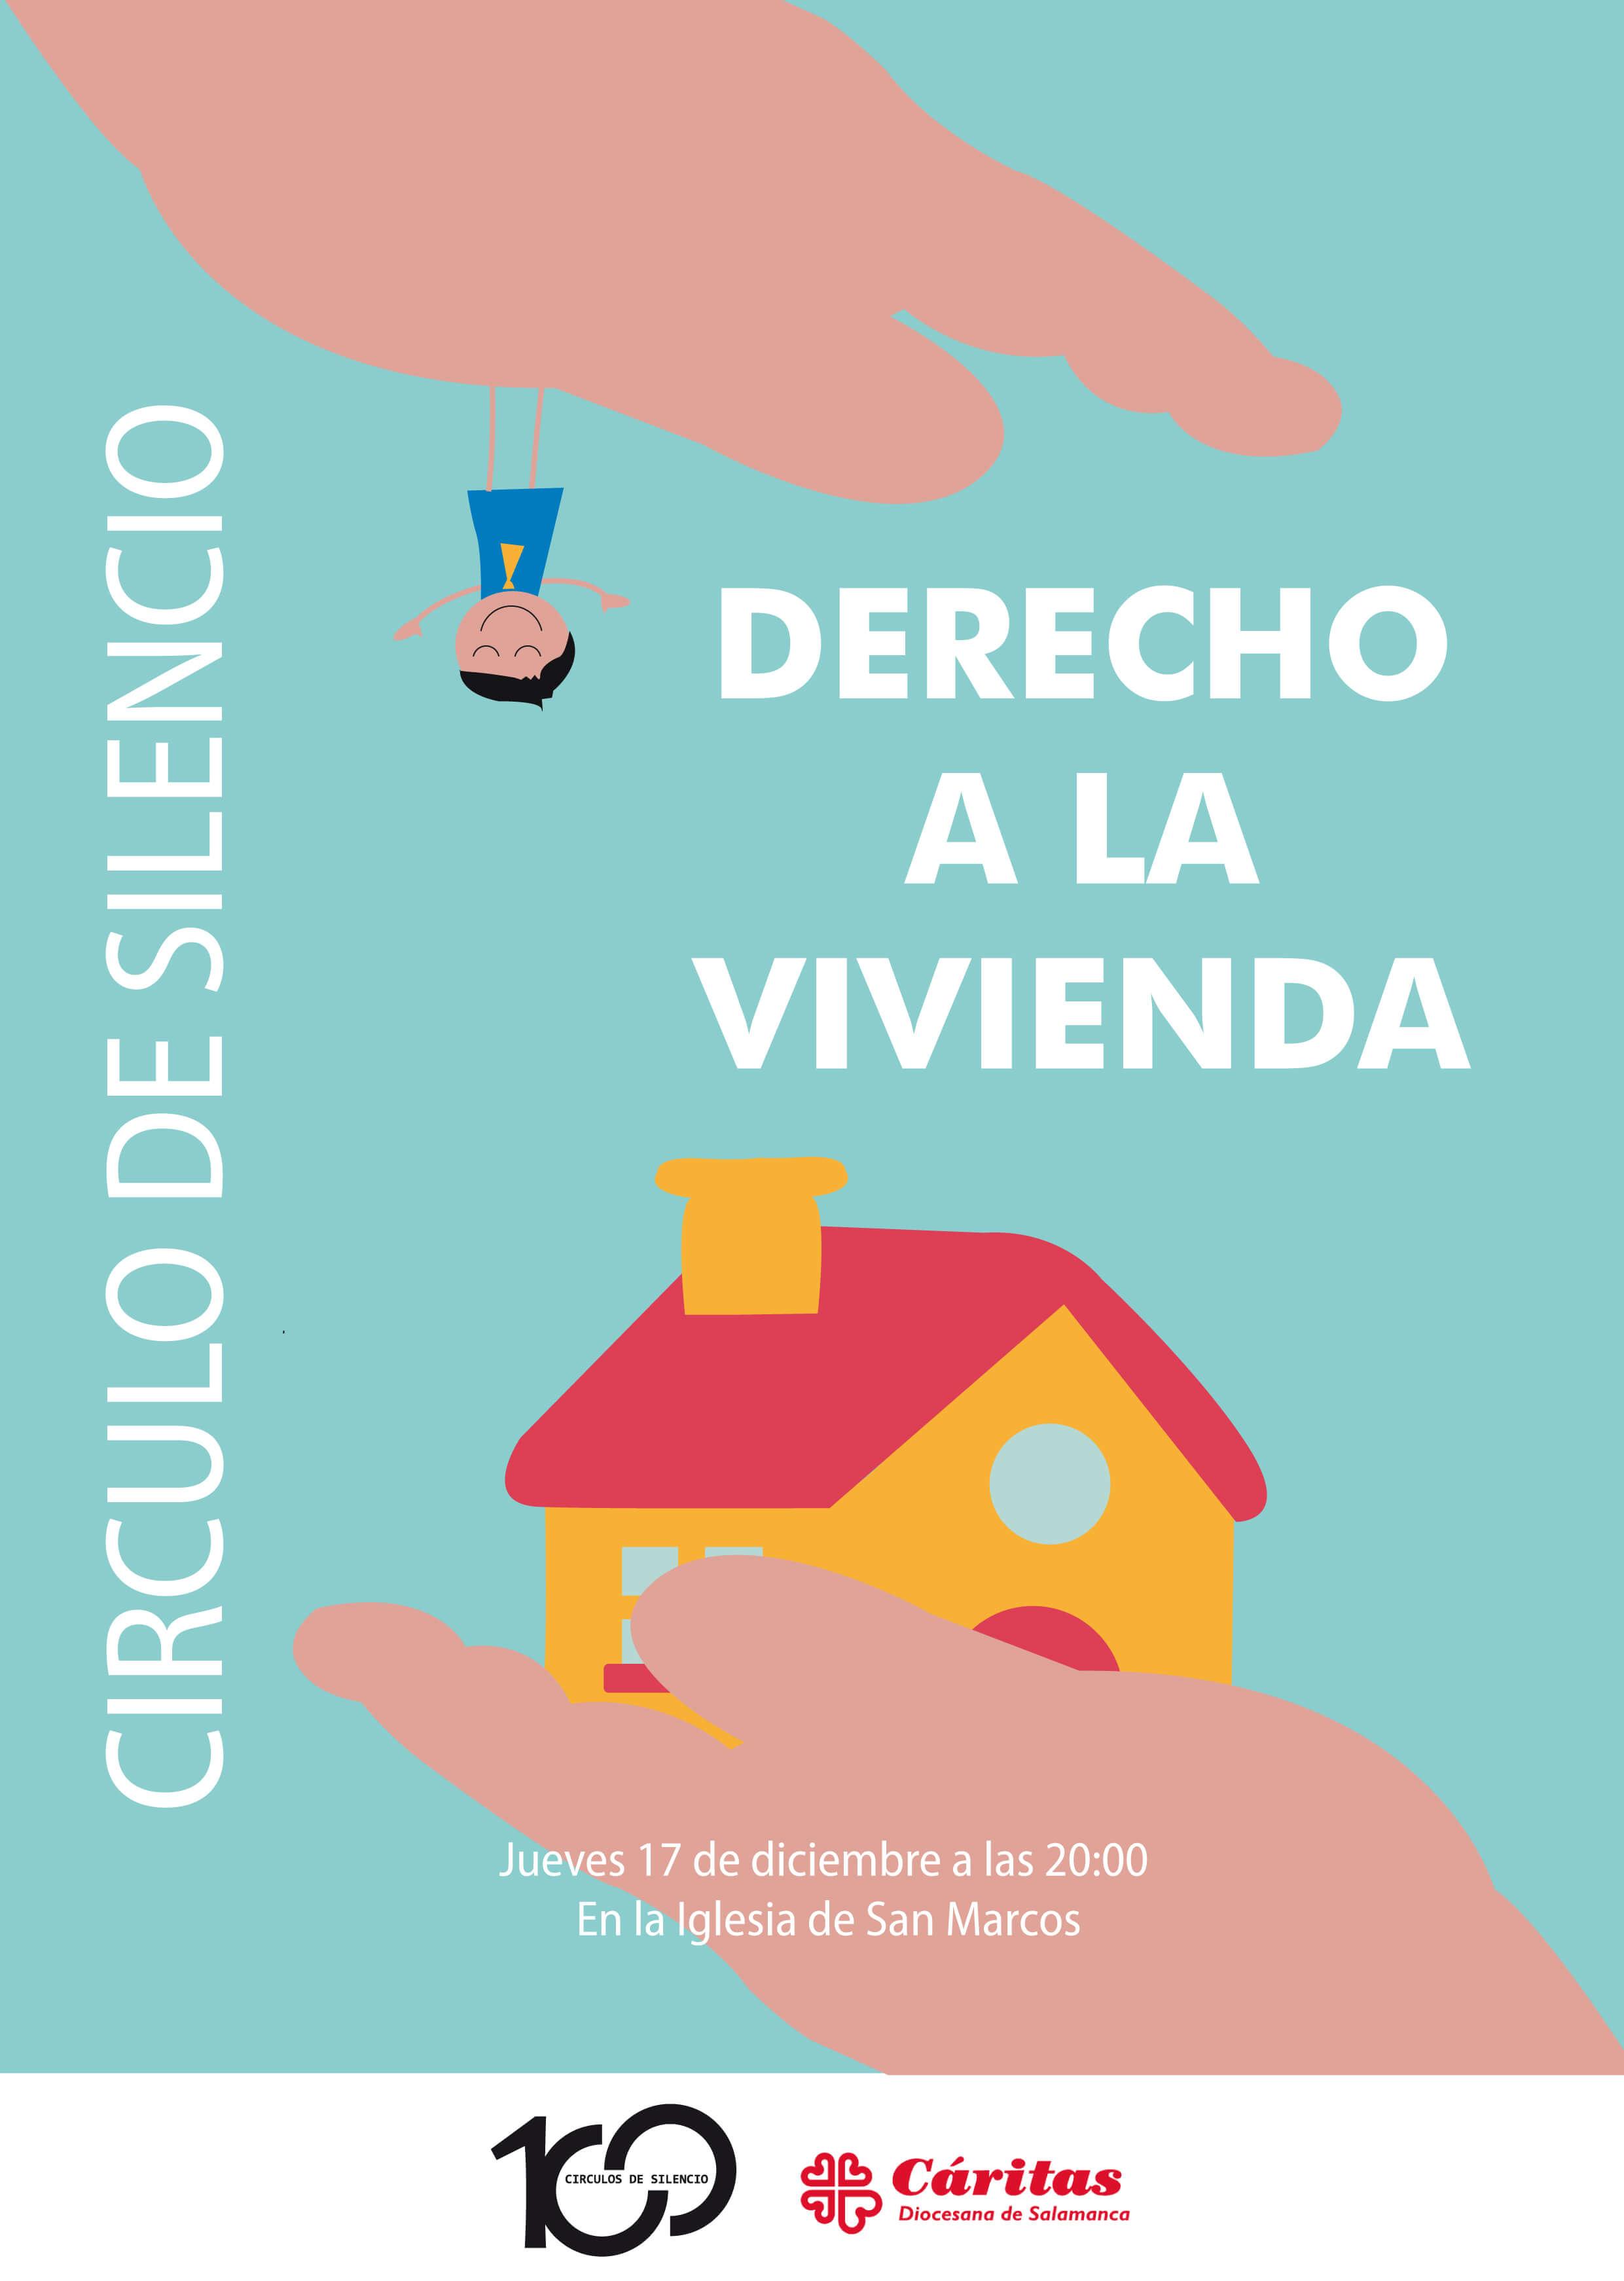 Círculo del silencio por el derecho a una vivienda digna